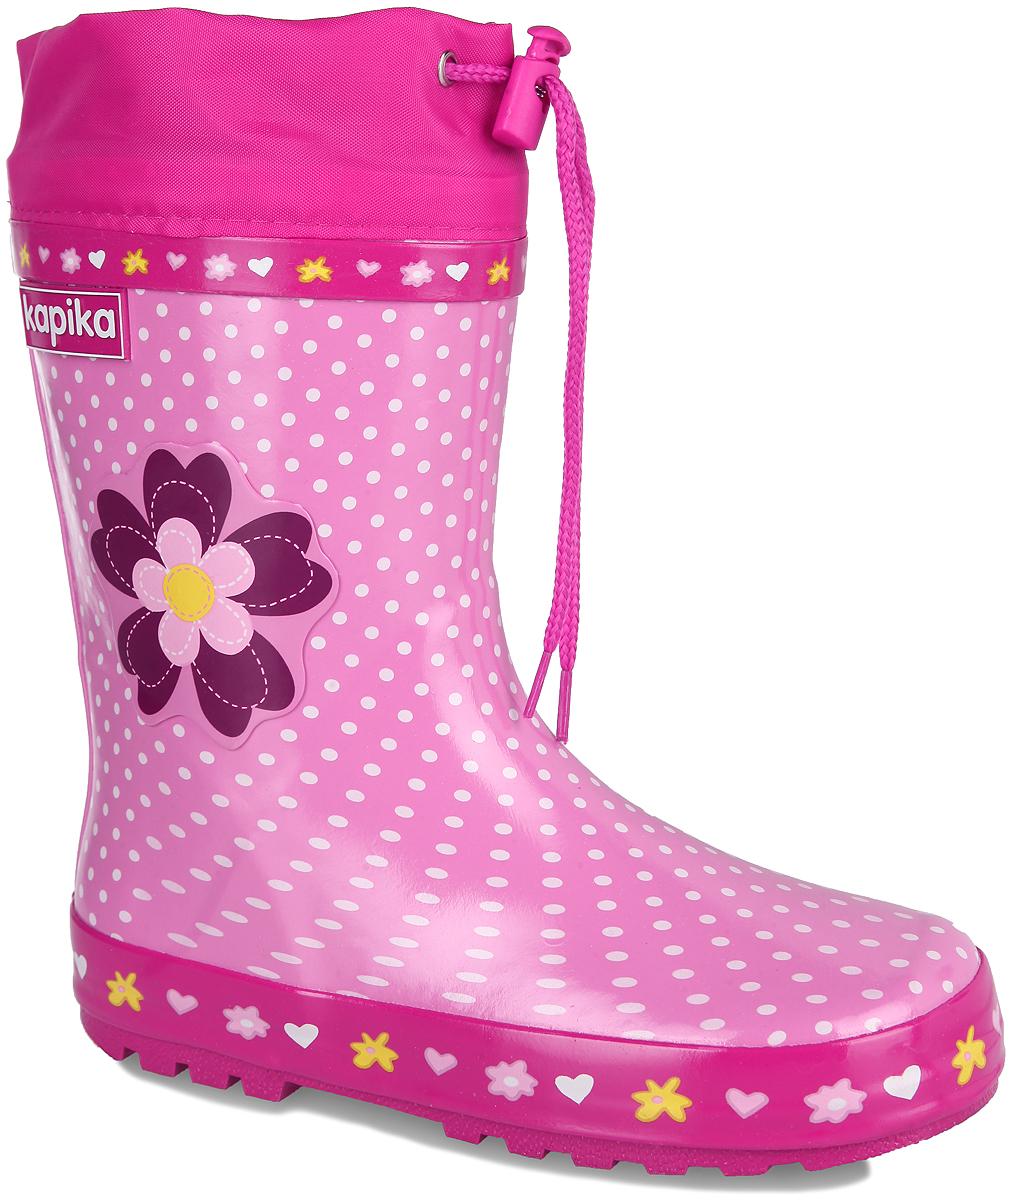 Сапоги резиновые для девочки. 524т524тРезиновые сапоги от Kapika - идеальная обувь в дождливую погоду. Сапоги выполнены из резины и оформлены принтом в горох. Боковая сторона дополнена накладкой в виде цветка. Подкладка и съемная стелька из текстиля помогают сохранить тепло и создают комфорт при ходьбе. Текстильный верх голенища регулируется в объеме за счет шнурка со стоппером. Рельефная поверхность подошвы гарантирует отличное сцепление с любой поверхностью. Резиновые сапоги прекрасно защитят ноги вашего ребенка от промокания в дождливый день.